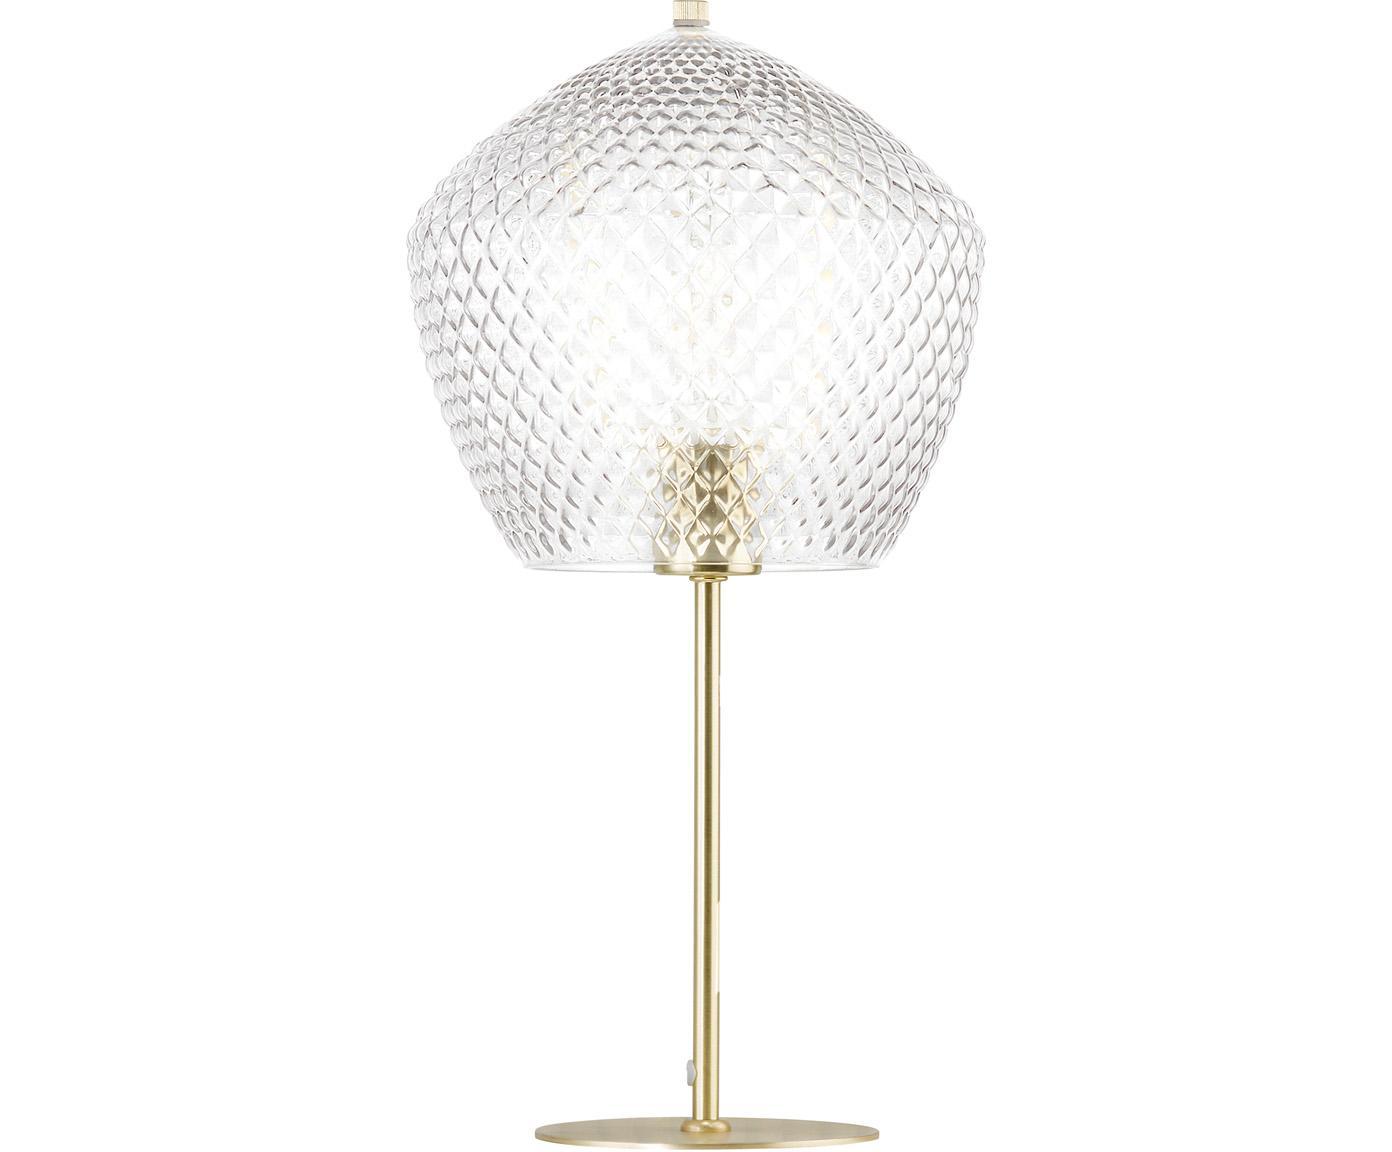 Tischleuchte Beatrice mit Glasschirm, Lampenschirm: Glas, Gold, Transparent, Ø 23 x H 47 cm